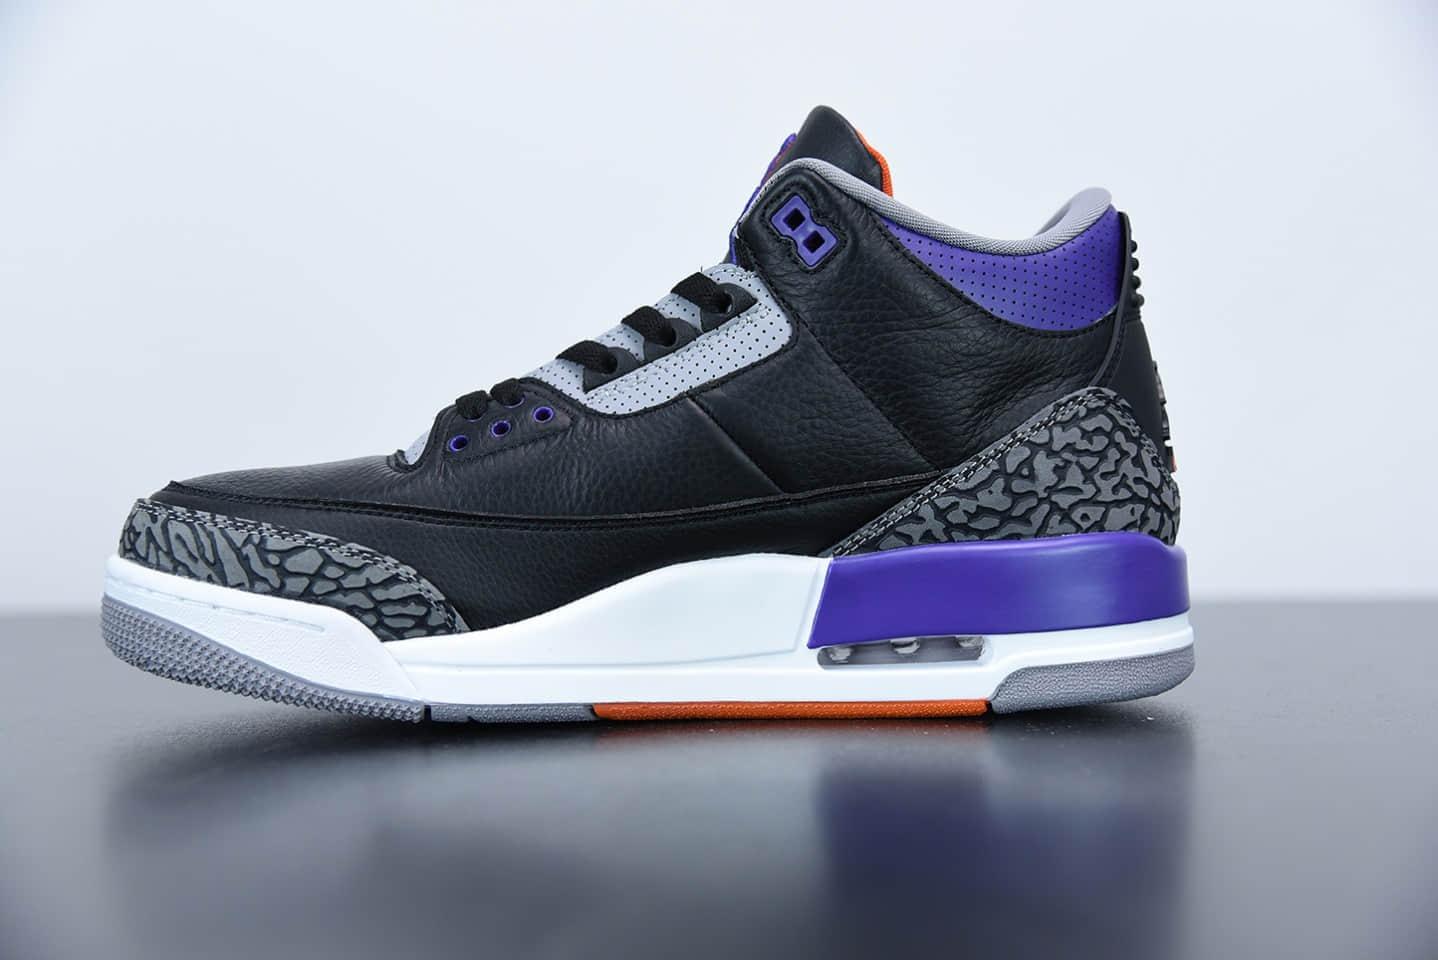 乔丹Air jordan 3 Retro FT2 Tinker Nrg 爆裂纹葡萄紫男子文化篮球鞋纯原版本 货号:CT8532-050